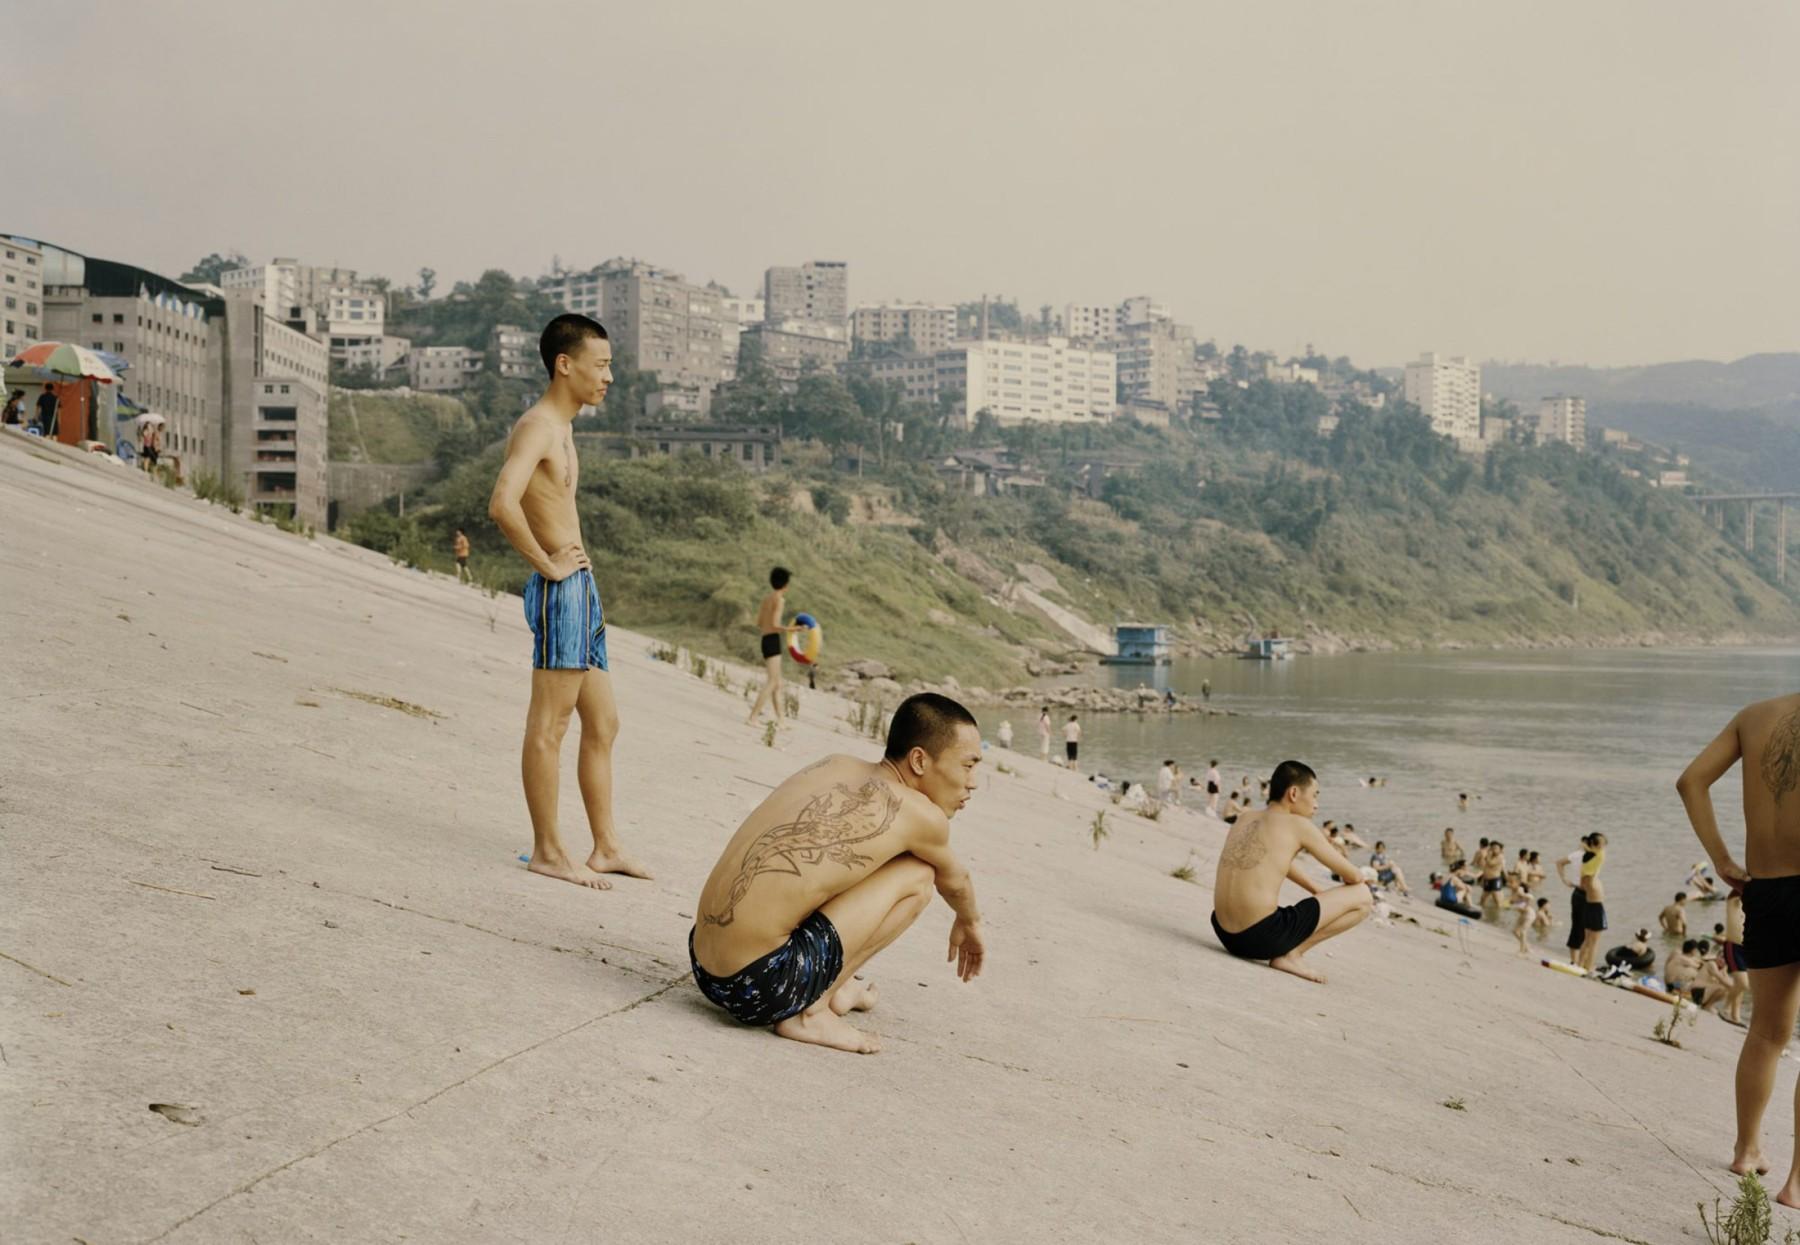 Fuling I, Chongqing Municipality, 2006 photograph by Nadav Kander